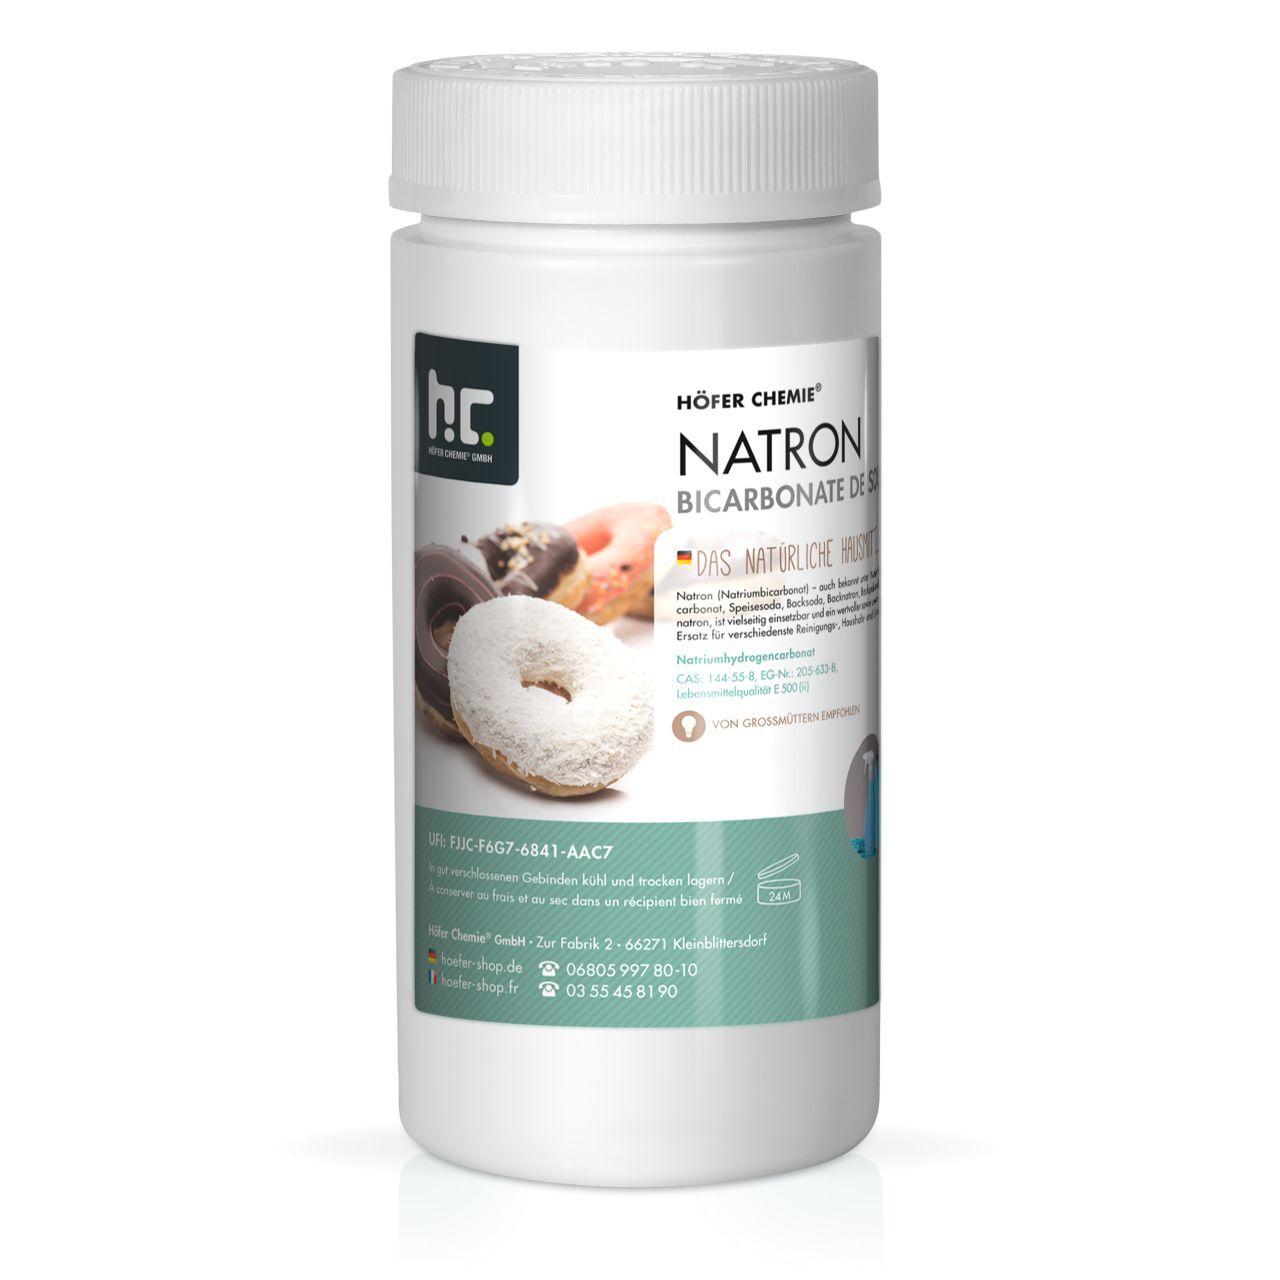 Höfer Chemie 1 kg de bicarbonate de sodium en qualité alimentaire (1 x 1 kg)